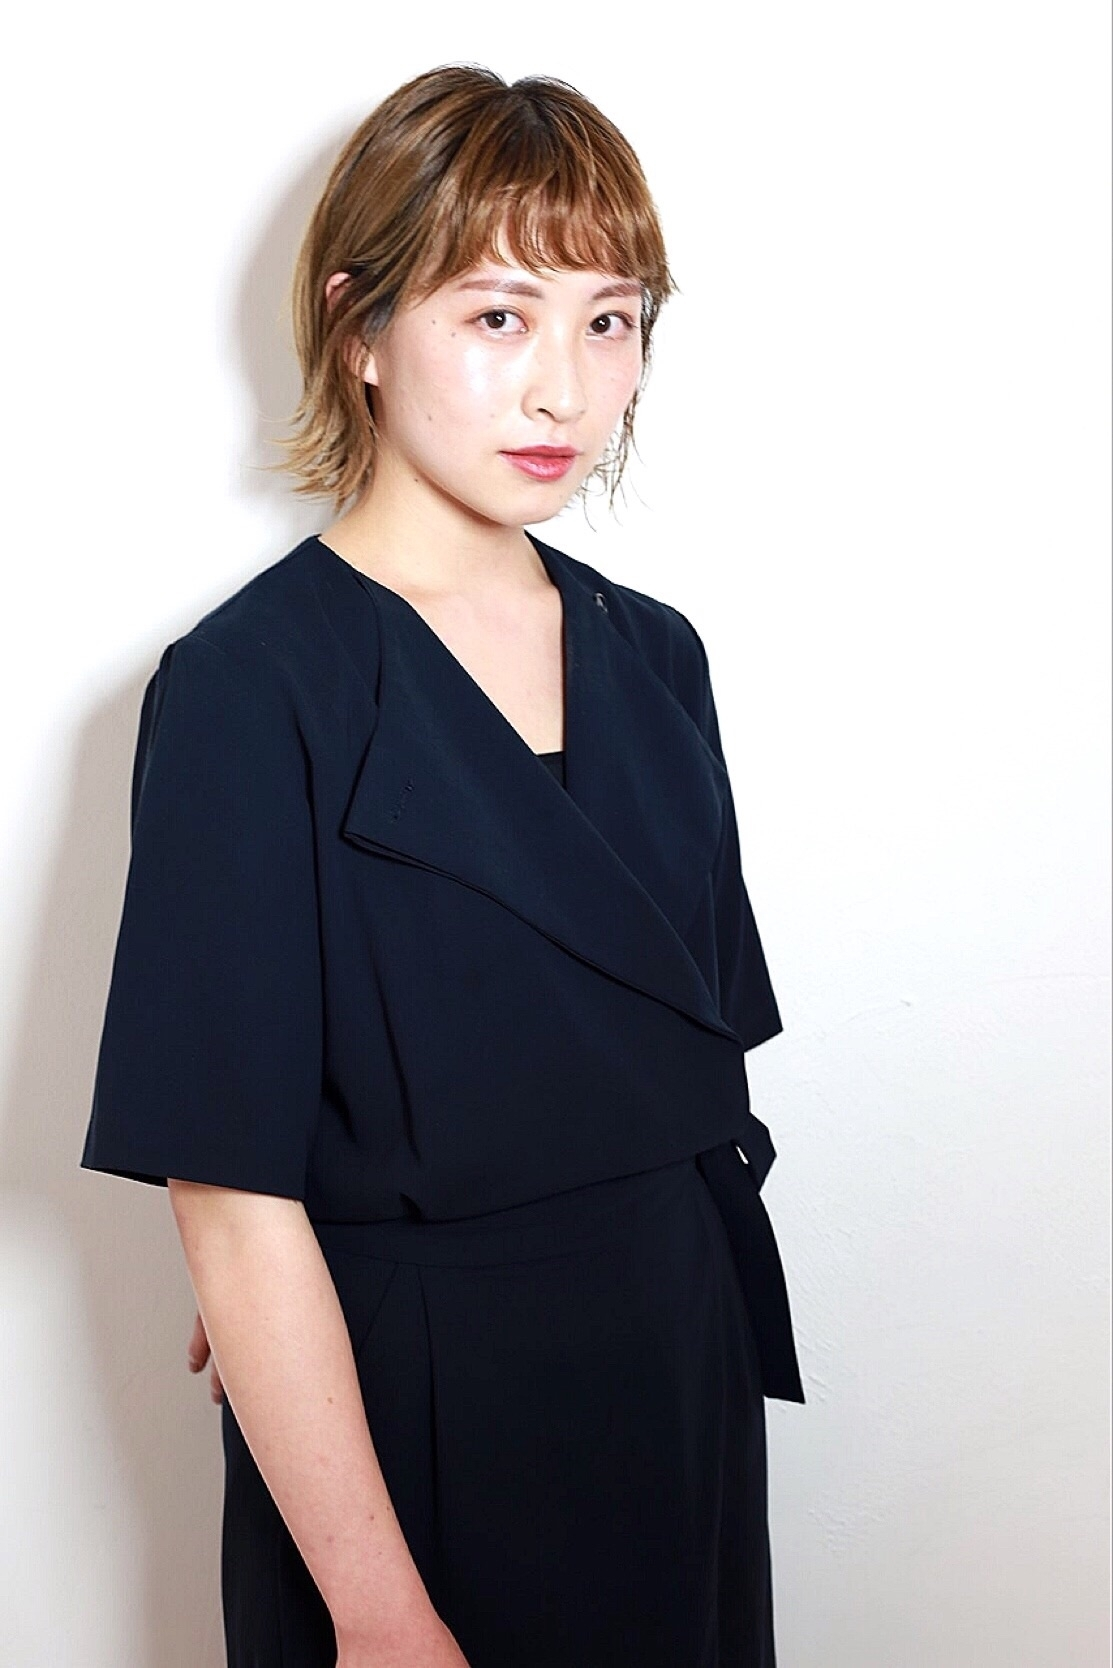 ケアリスト村田紗矢香